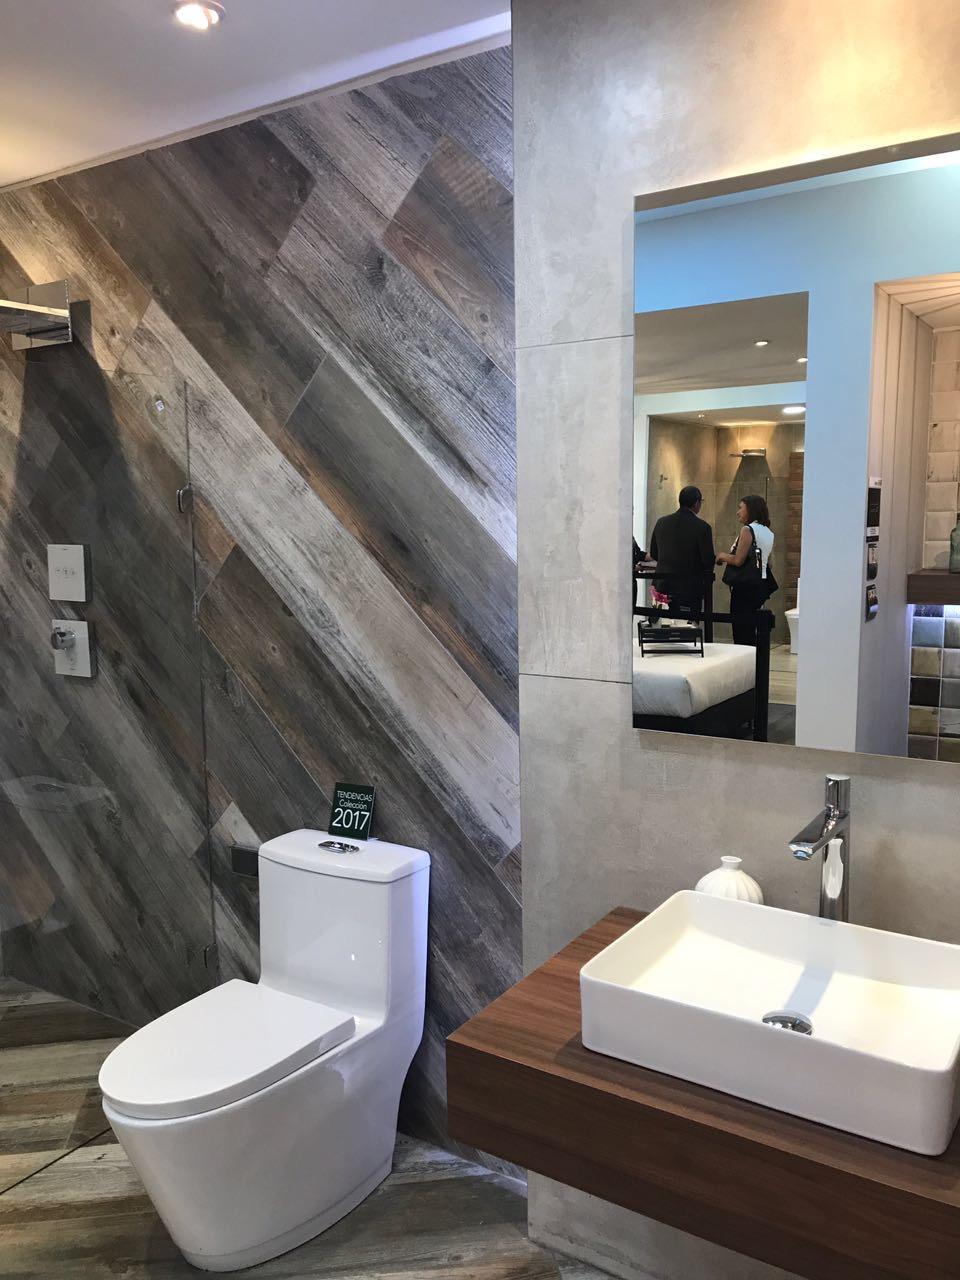 pared madera baño personalizado madera envejecida sanitario baño lavamanos